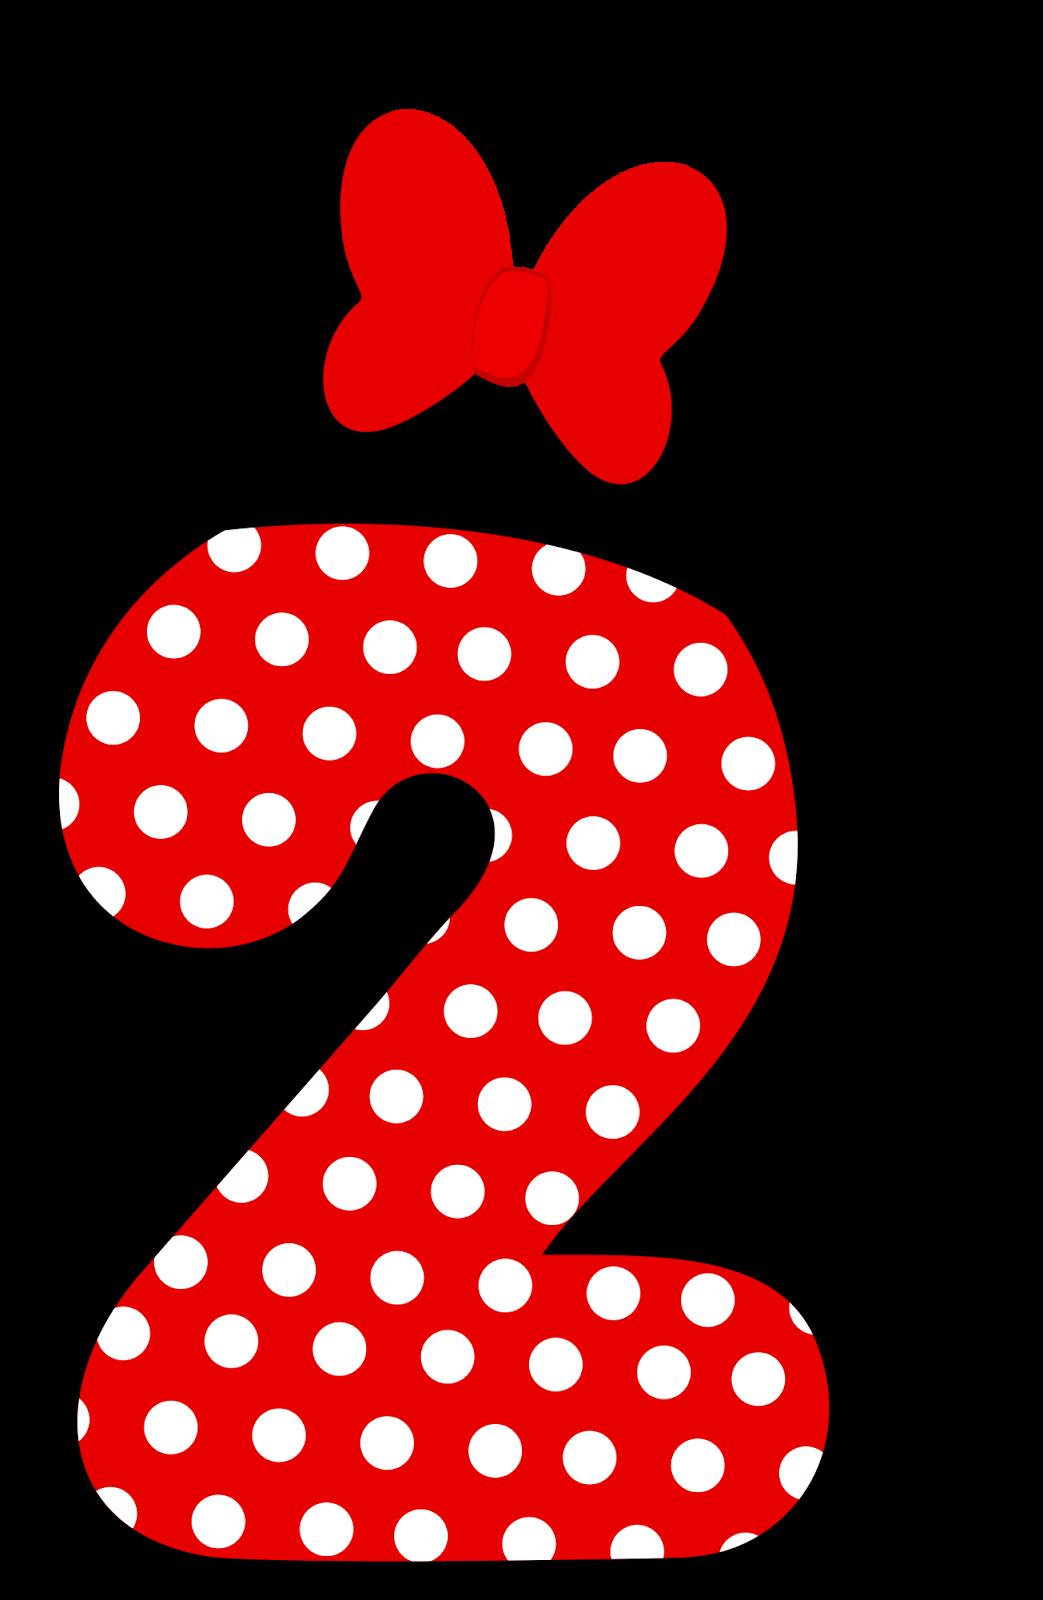 Цифра 1 в стиле микимауса